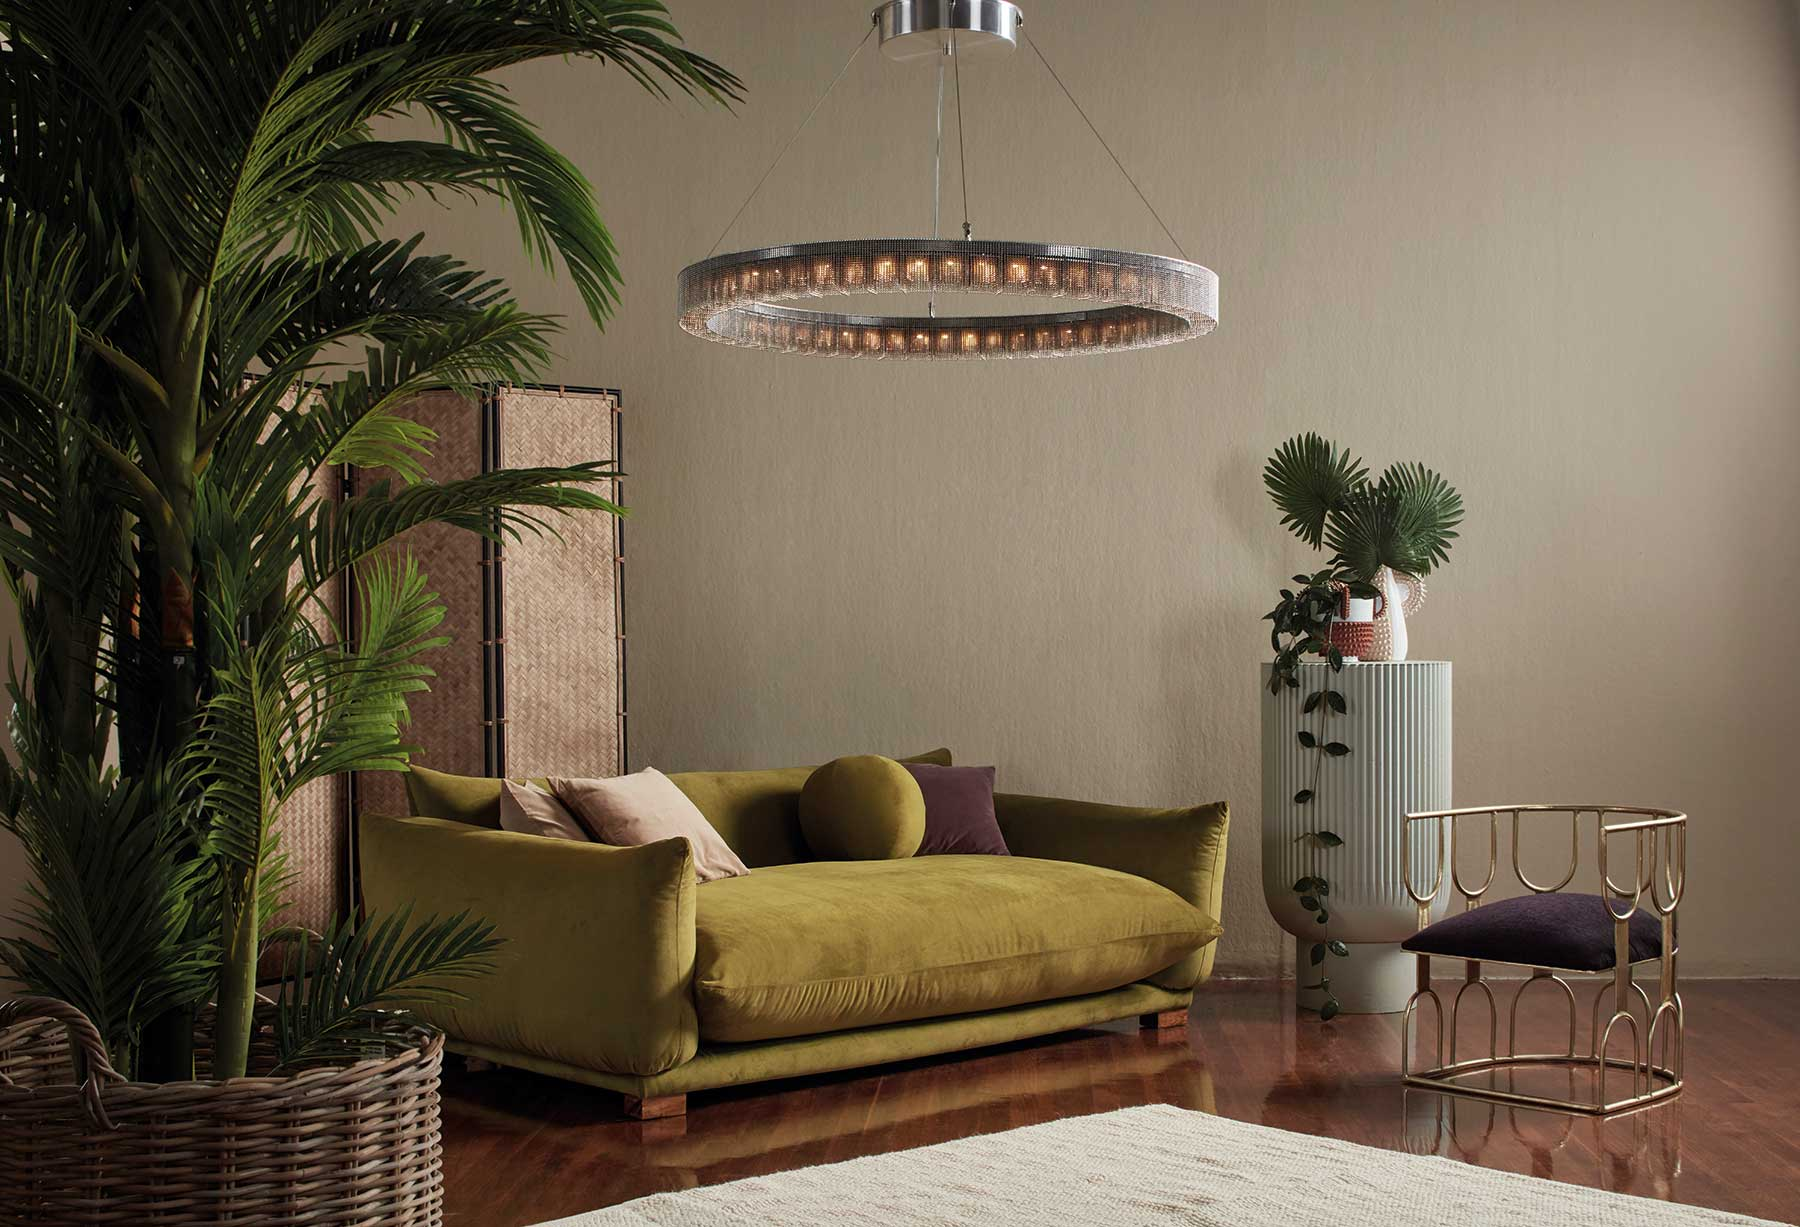 Minimal aber nicht streng: Auch diese Leuchte besteht aus Hunderten kleinen Metallketten und folgt in der Form modernen Trends.